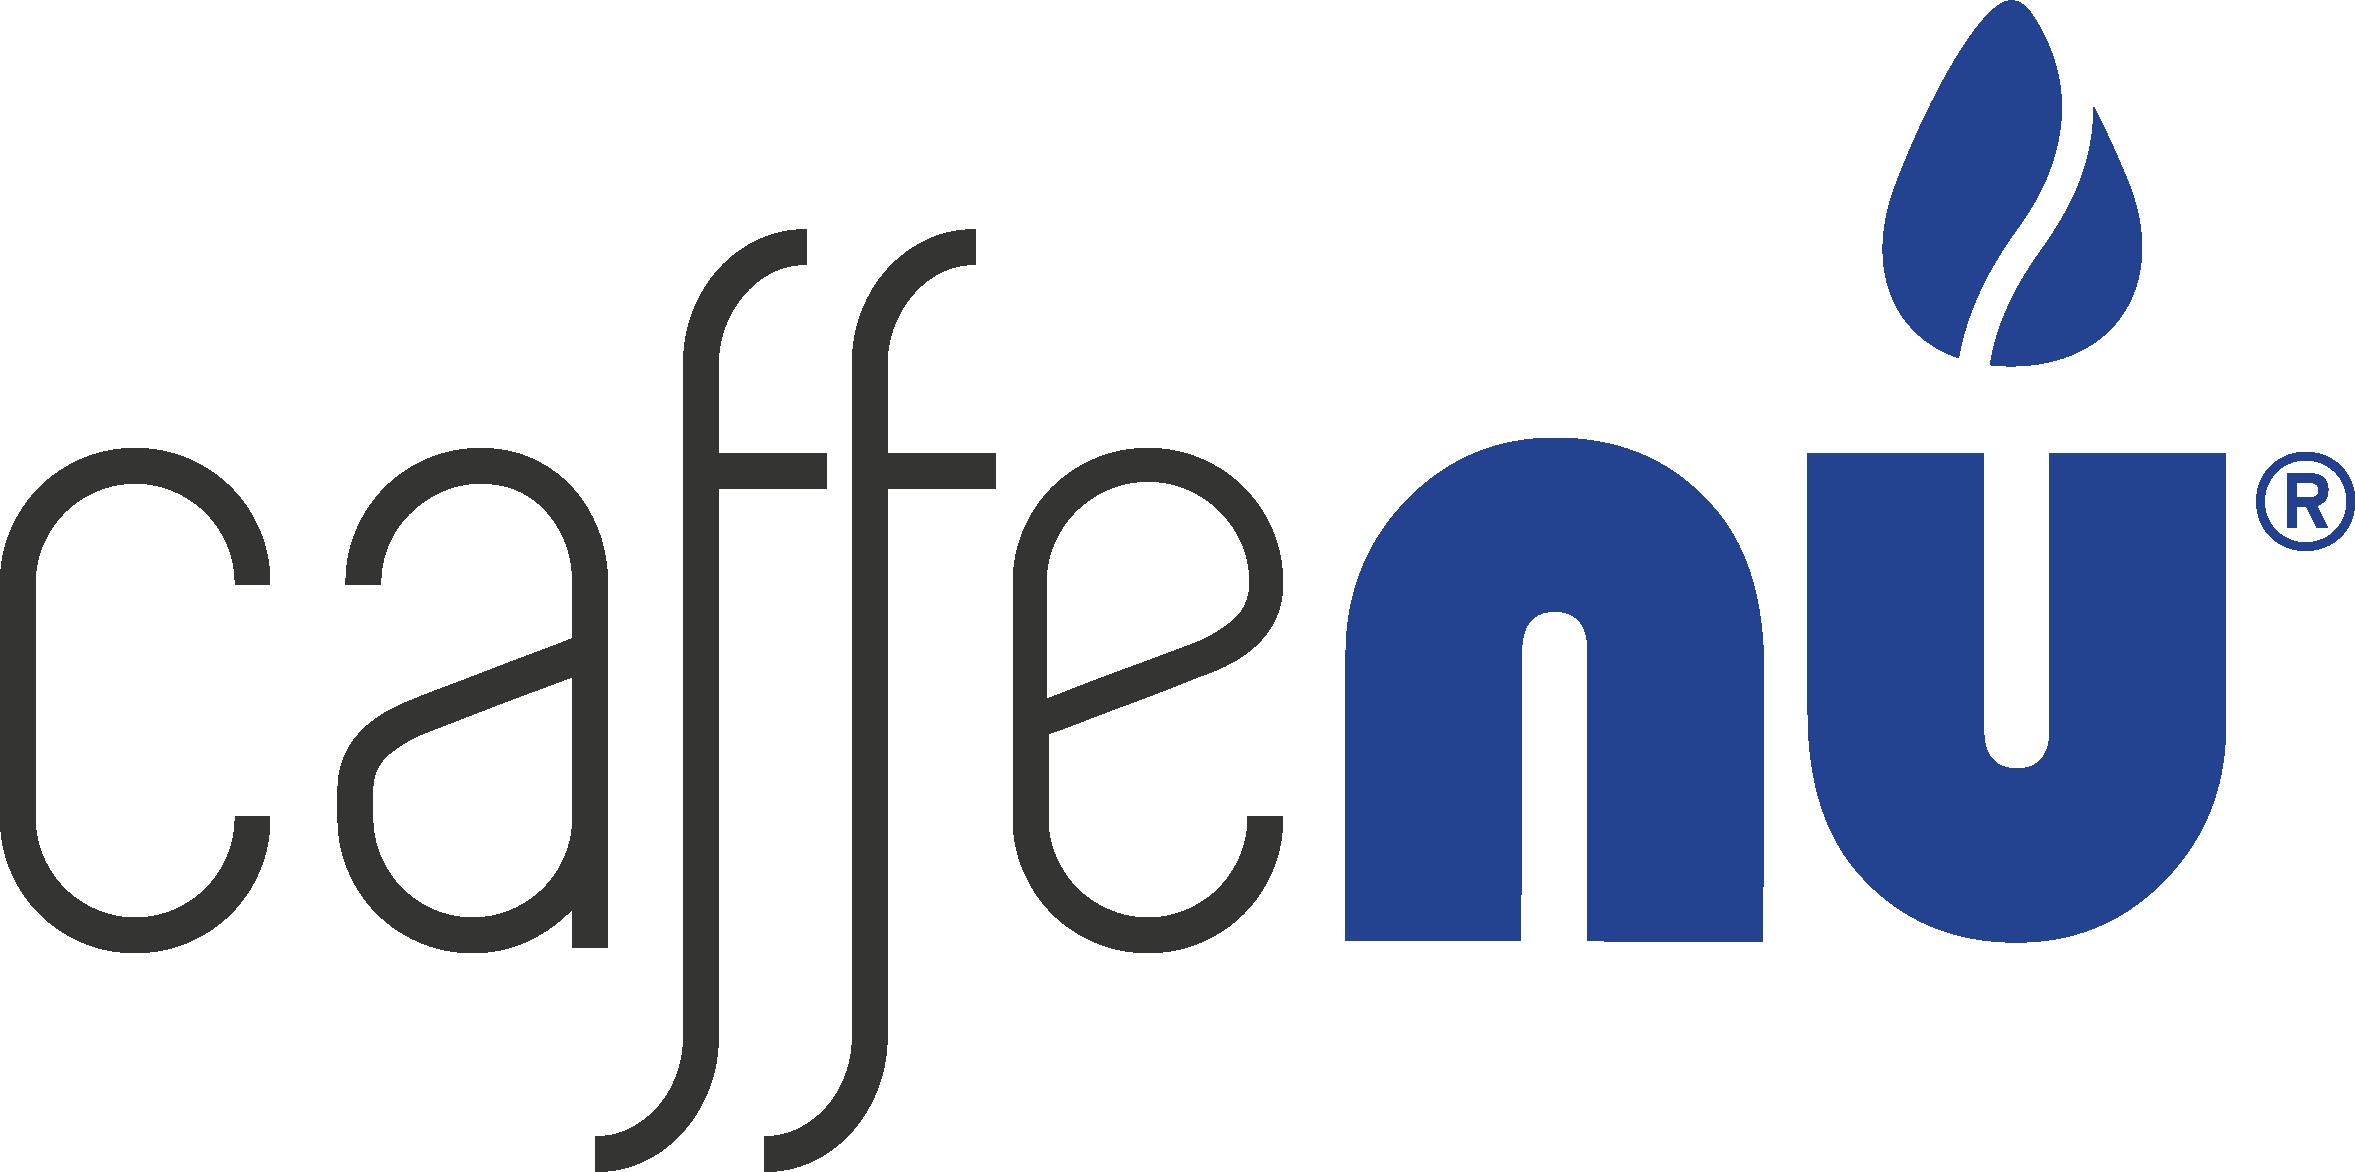 Caffenu